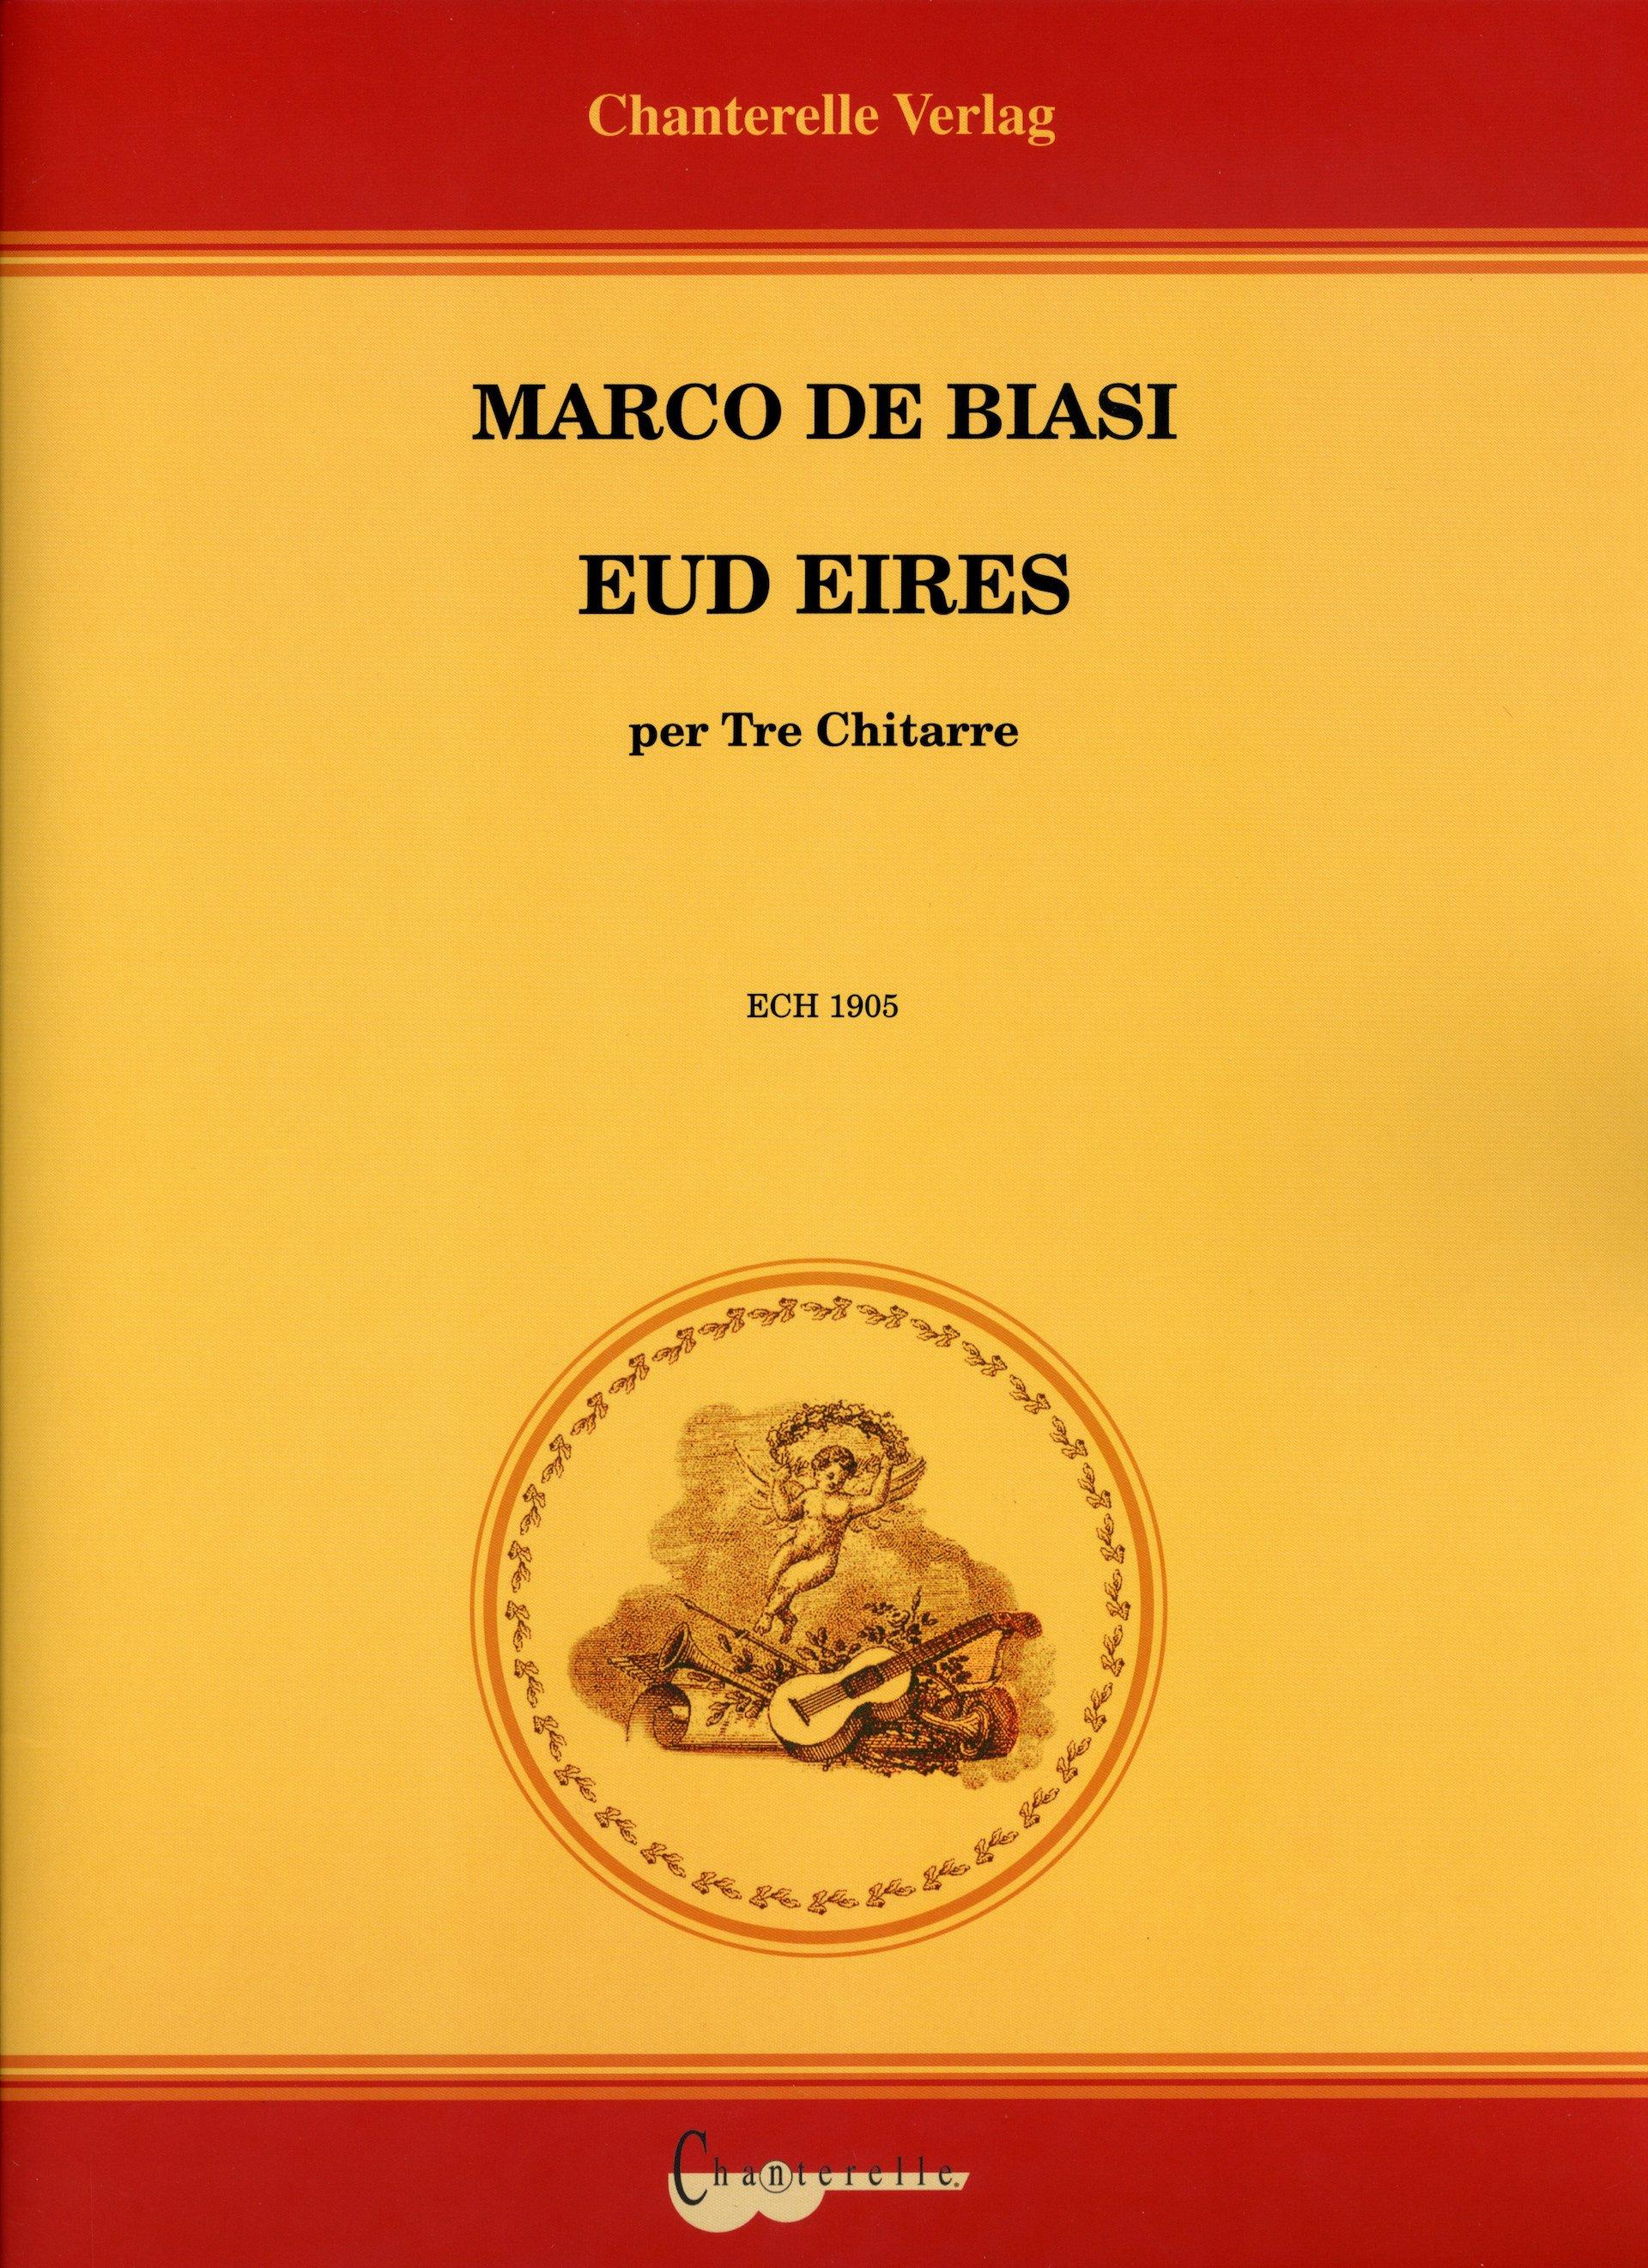 COPERTINA EUDEIRES - MARCO DE BIASI